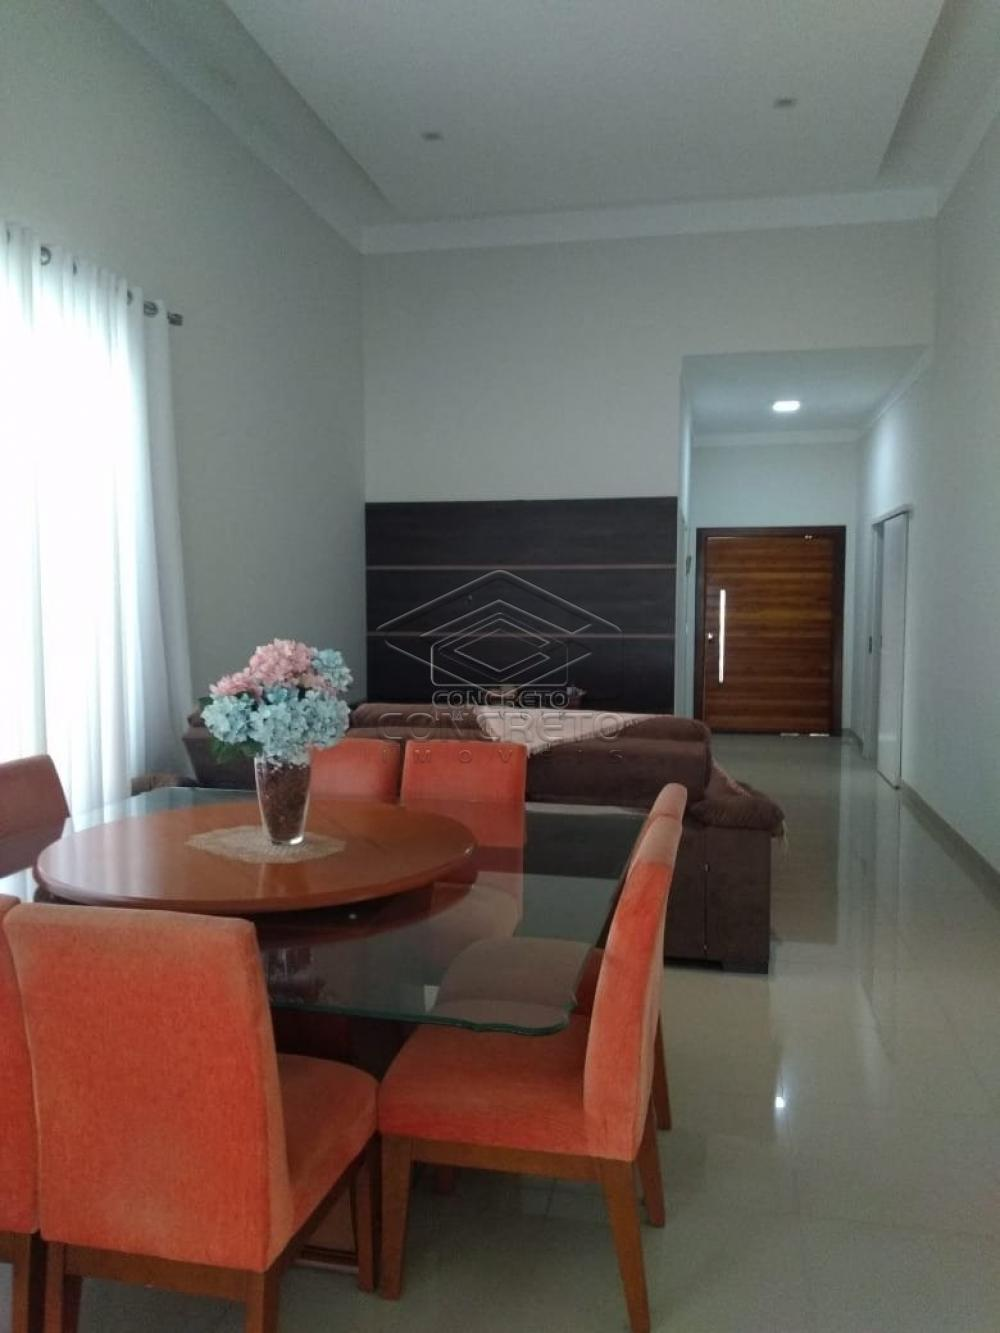 Comprar Casa / Padrão em Bauru apenas R$ 850.000,00 - Foto 11